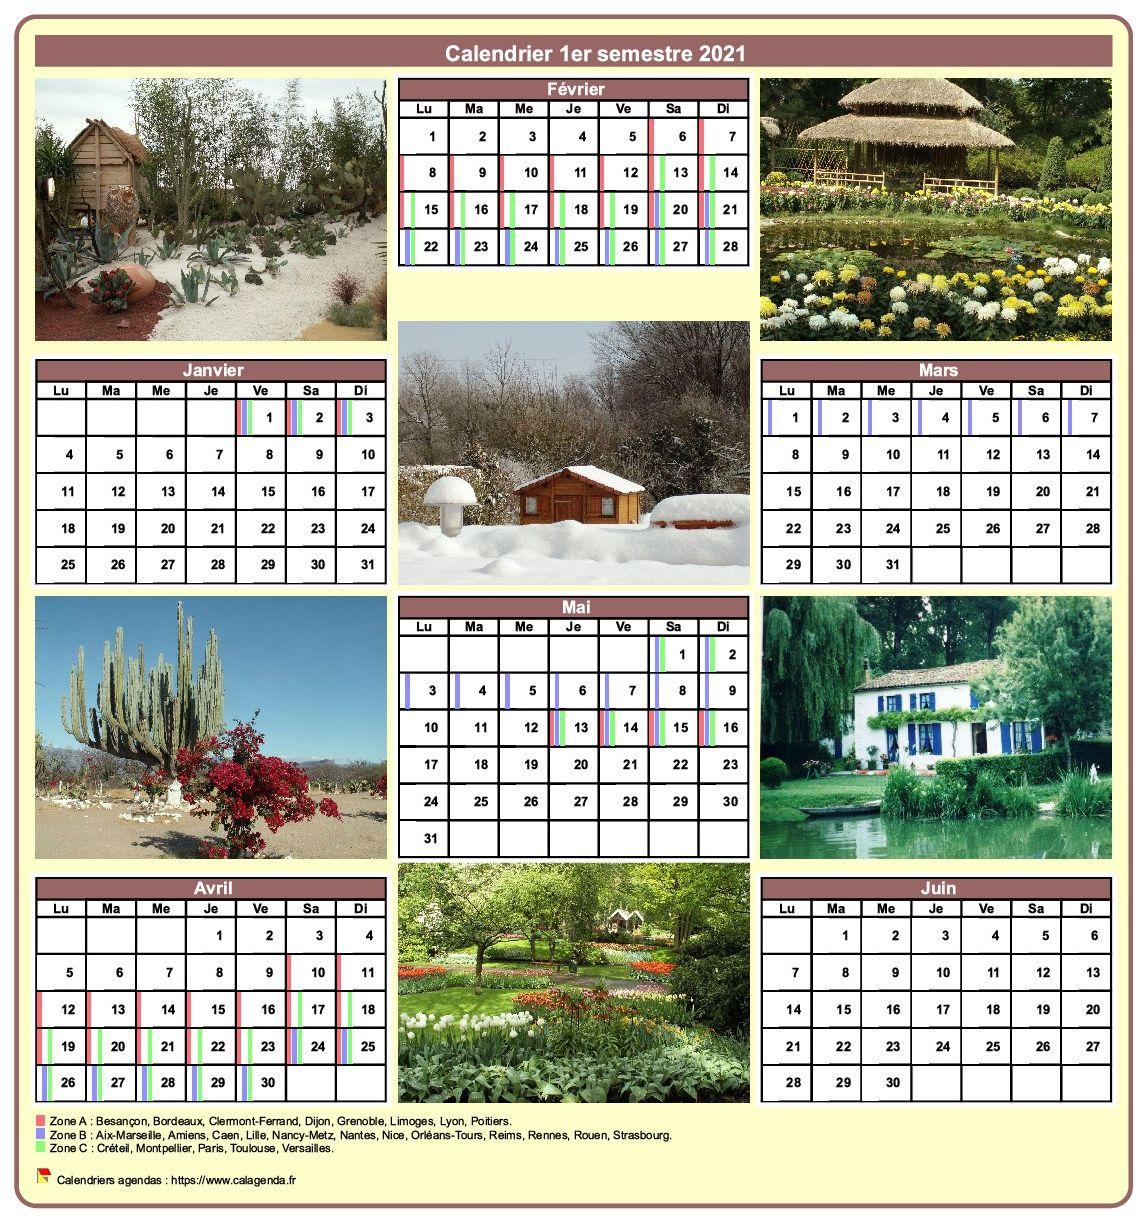 Calendrier 2021 semestriel avec une photo différente chaque mois